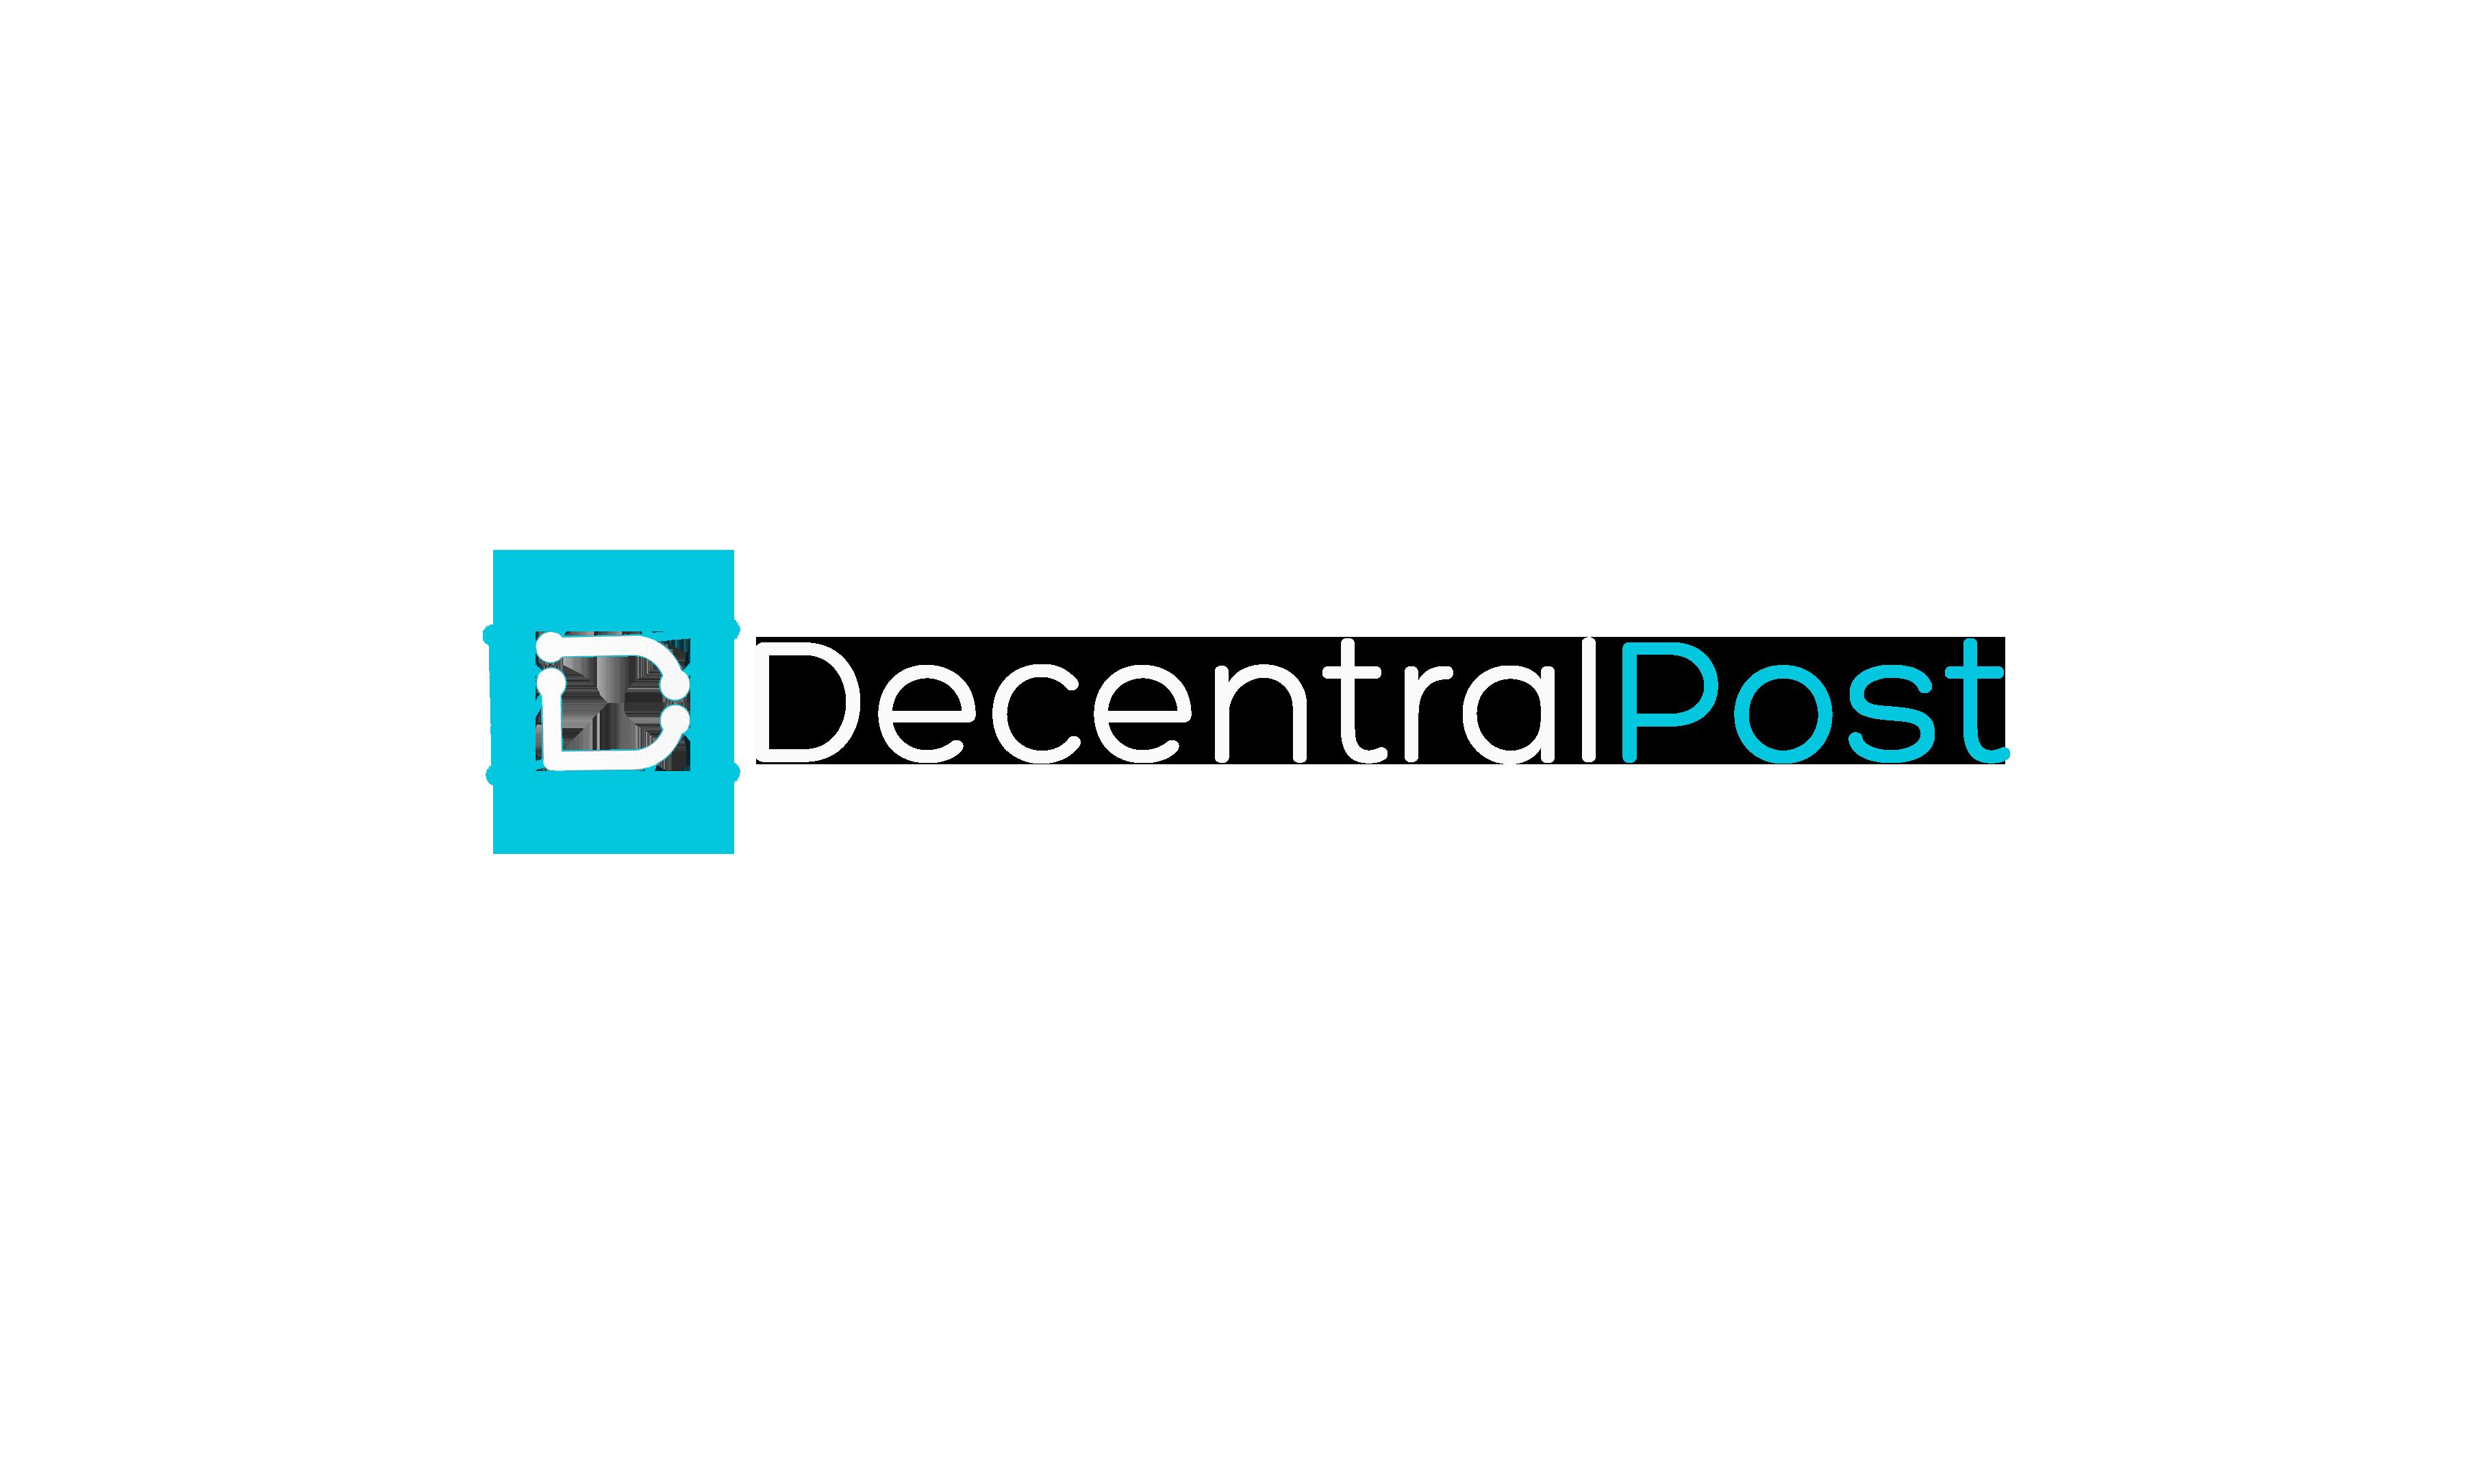 DecentralPost